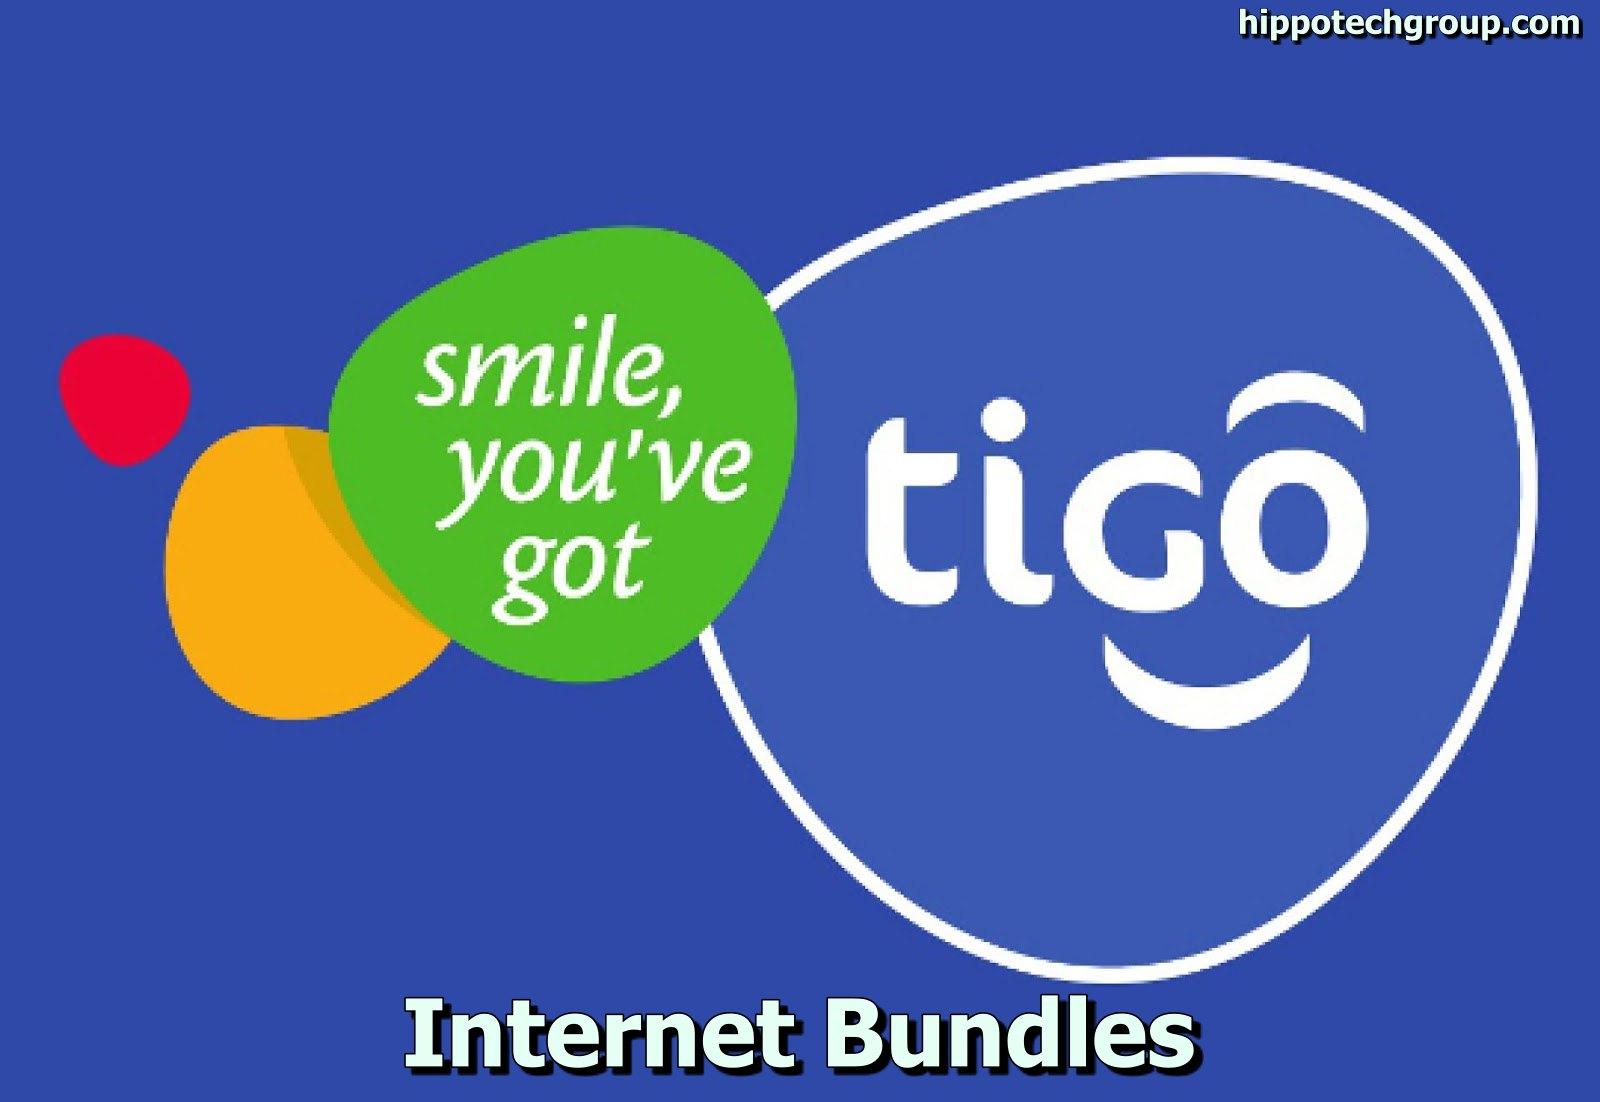 Tigo Tanzania Internet Bundles (Internet Packages)